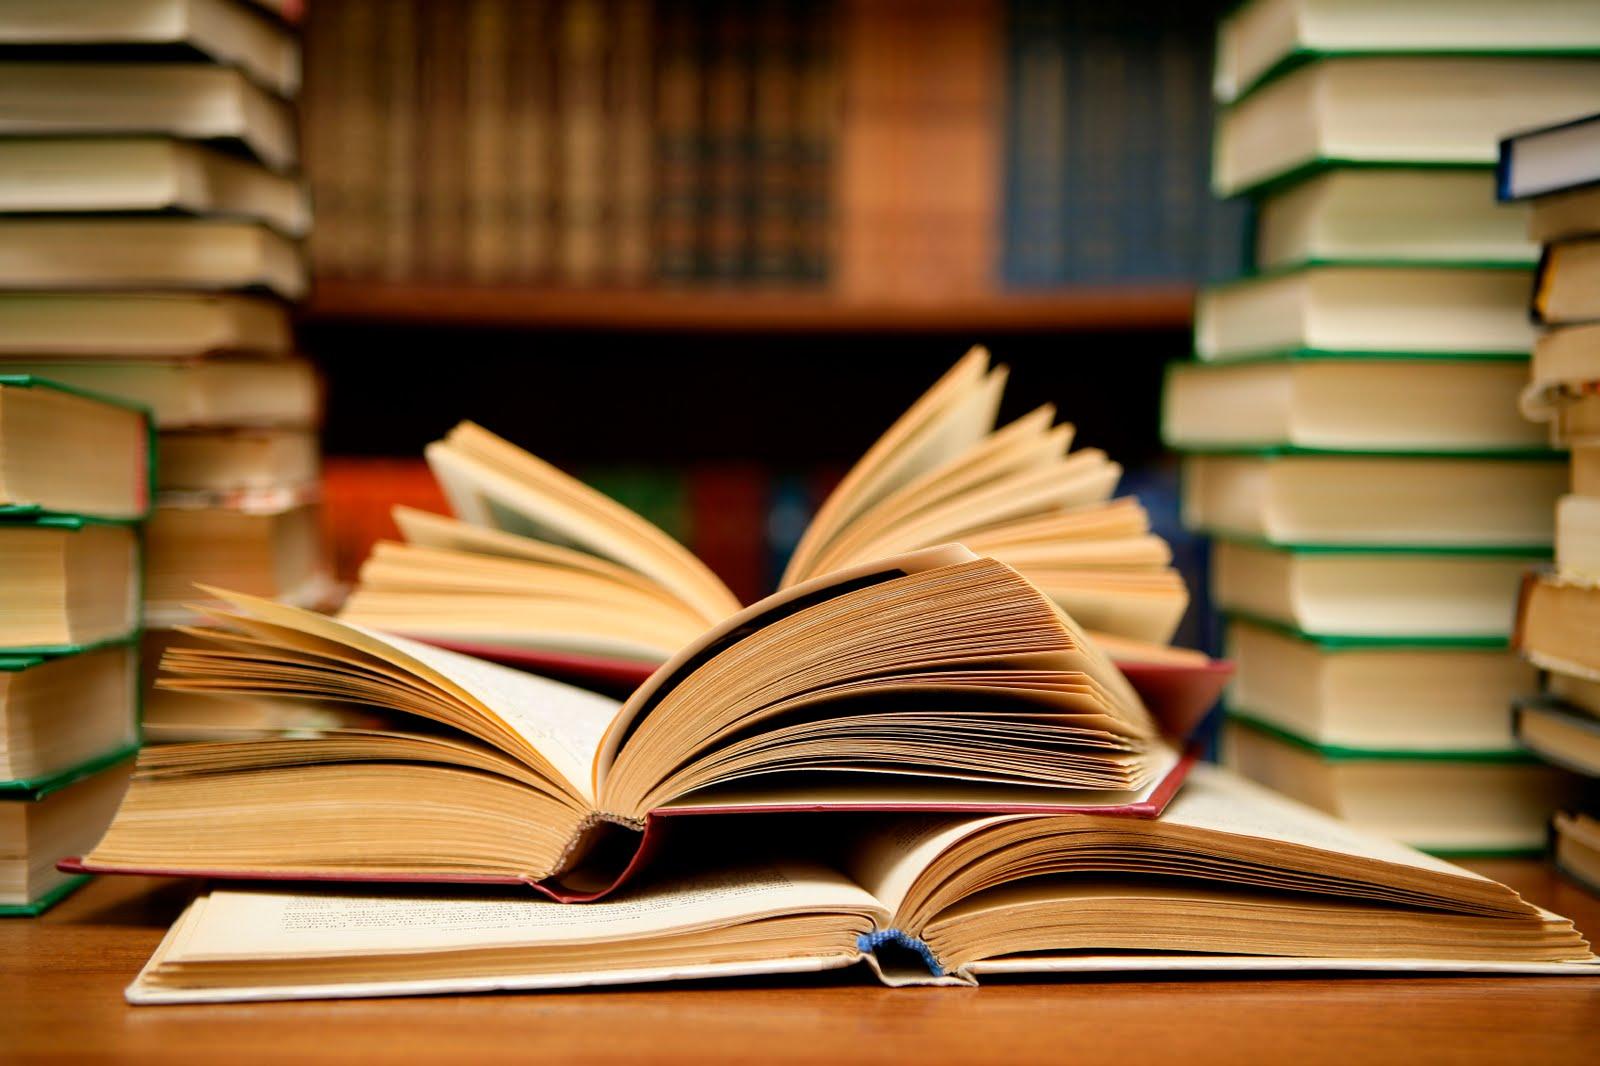 La alfabetización y la búsqueda del conocimiento